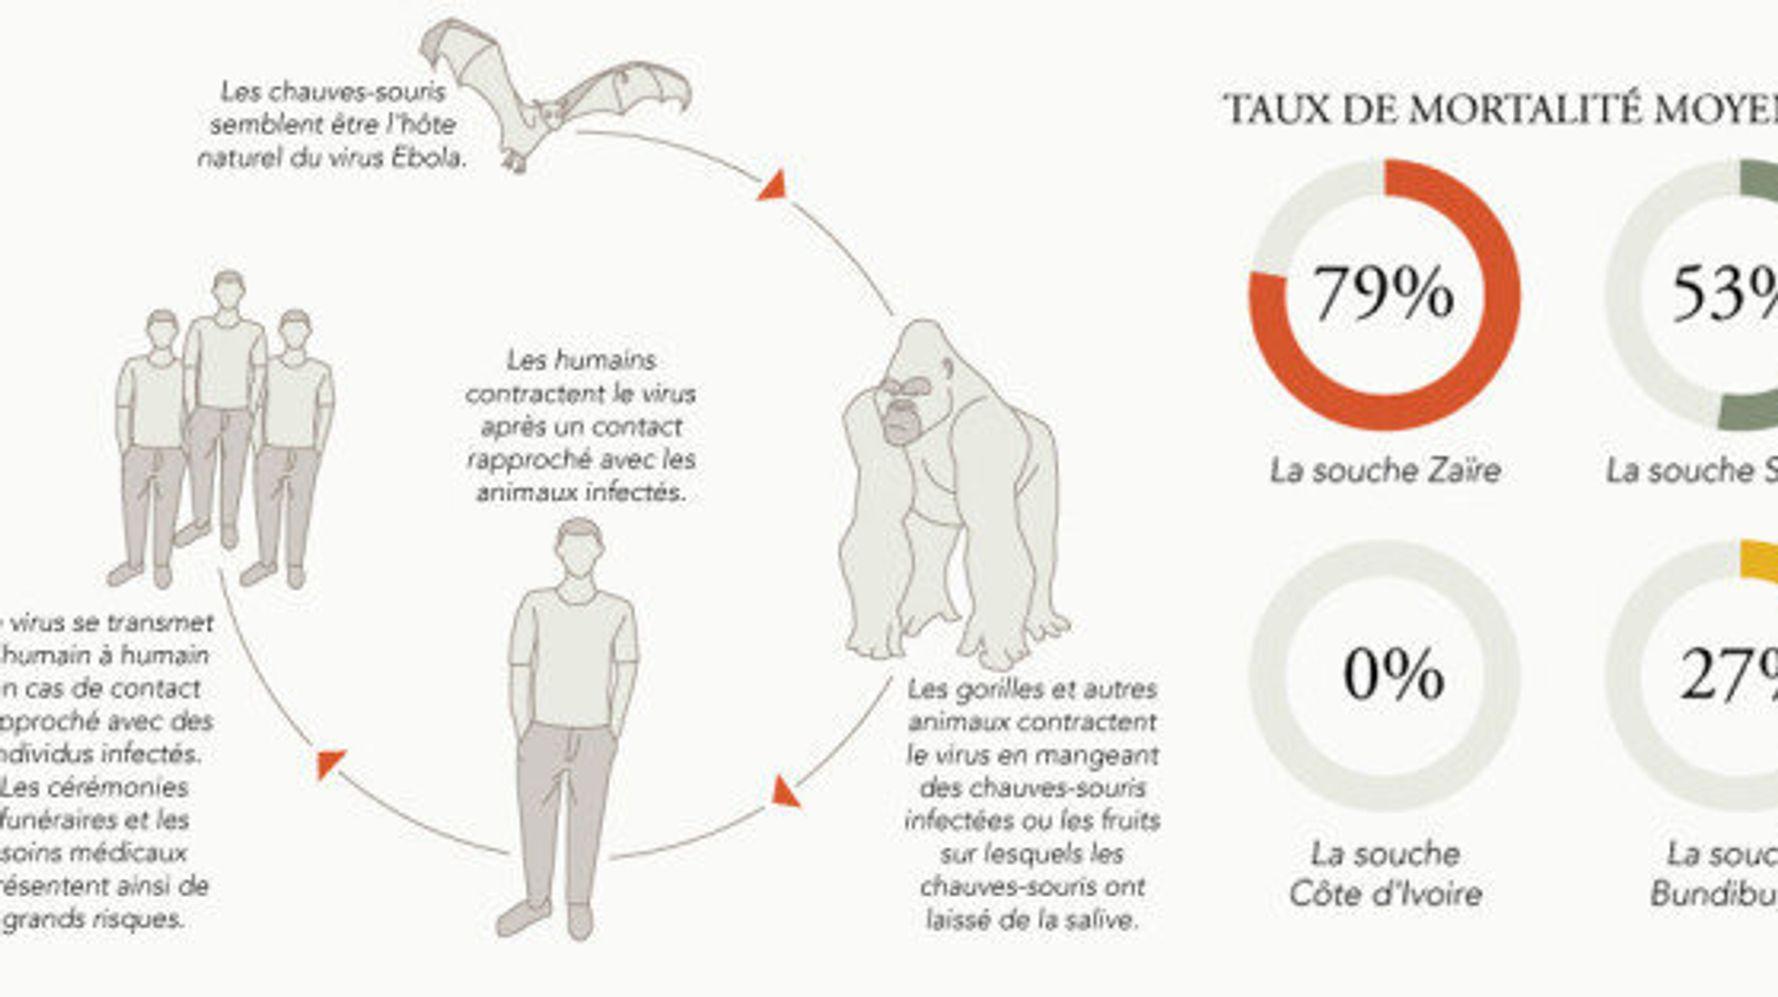 Virus Ebola : transmission, traitement, pays concernés, le